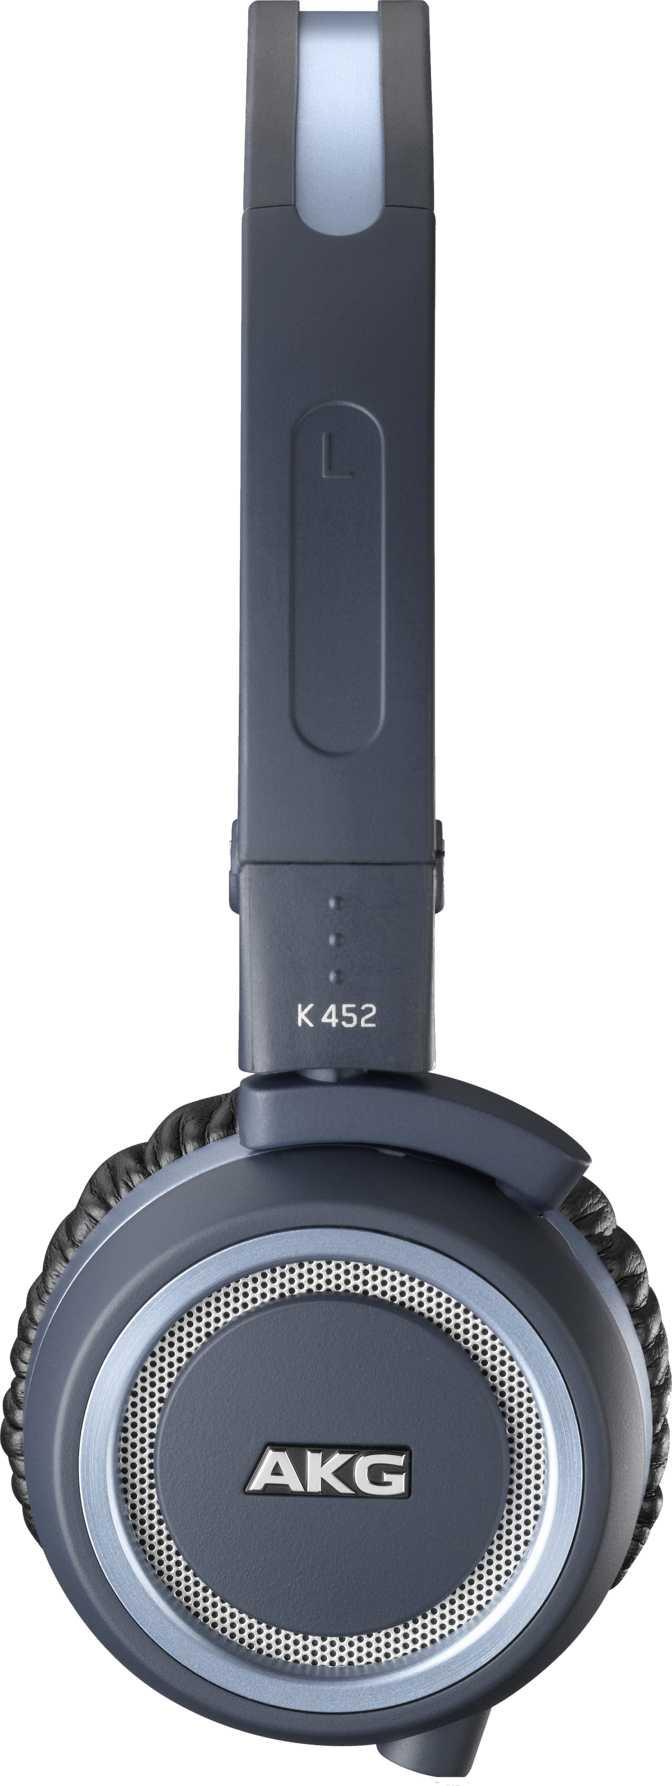 AKG K452